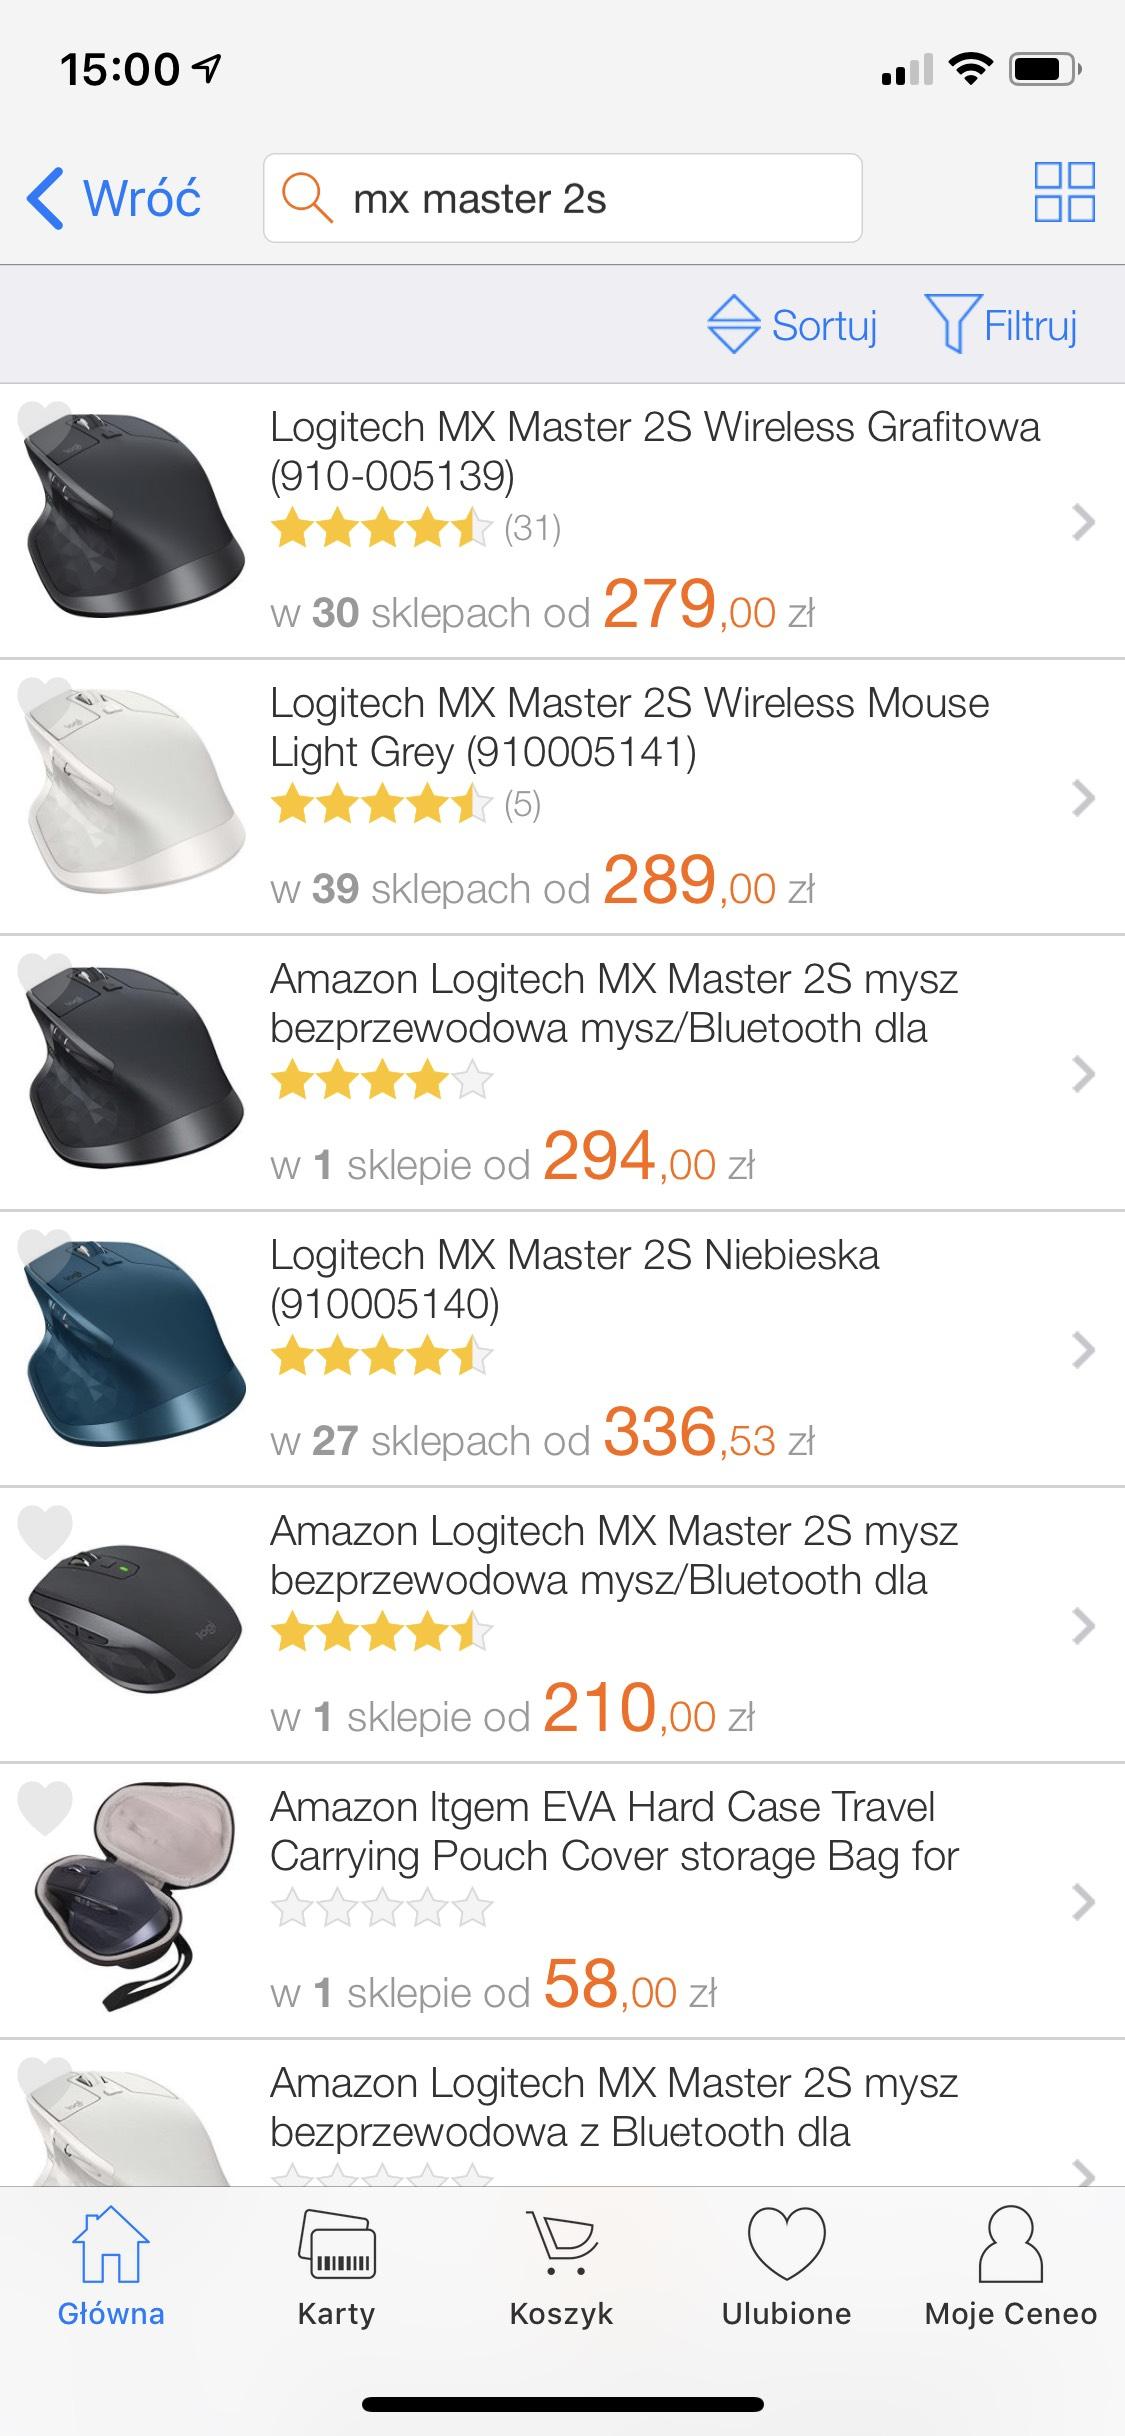 Myszka Logitech MX Master 2S Amazon de - Pepper pl